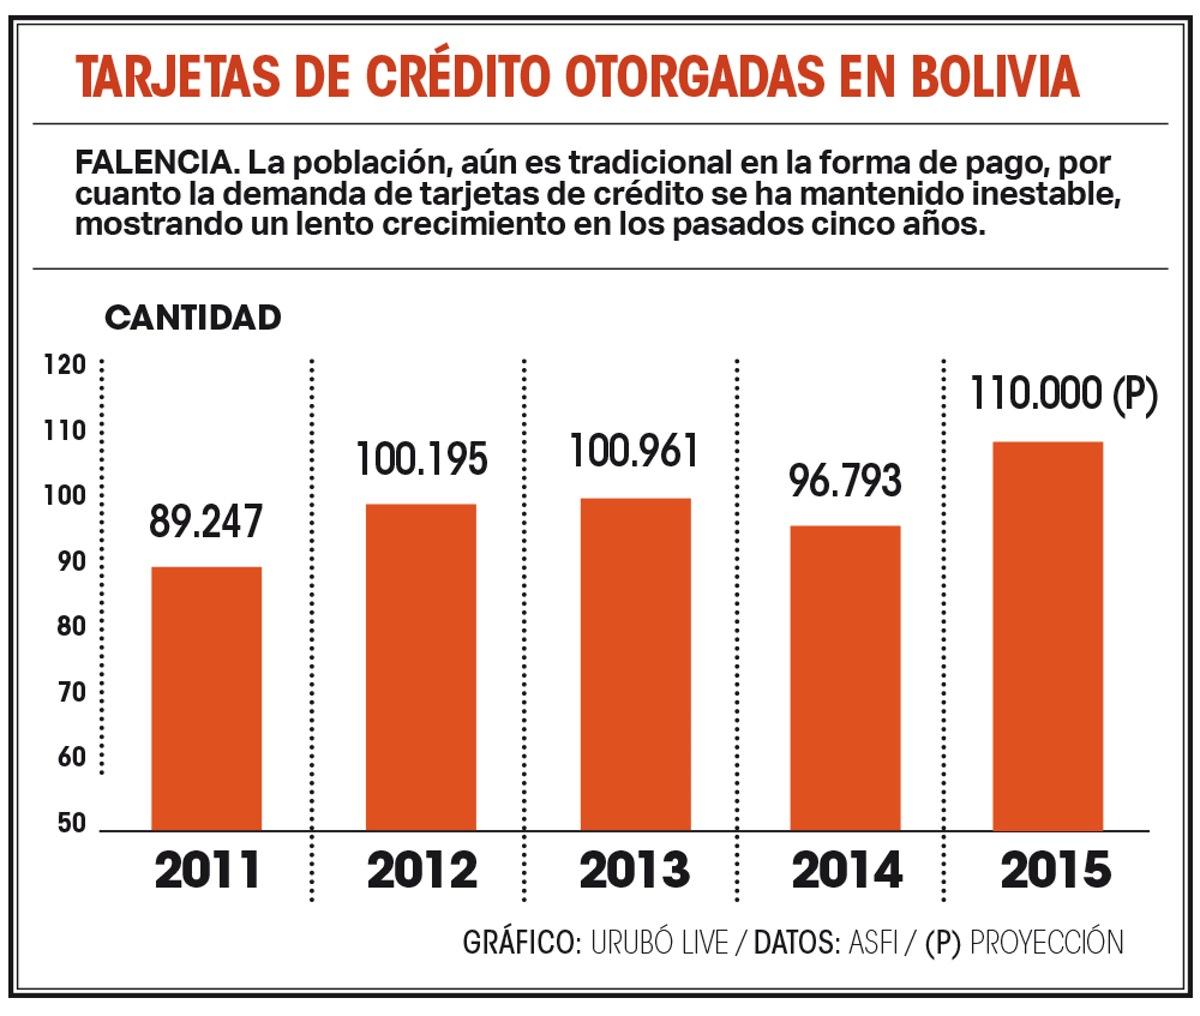 Bolivia con bajo uso de tarjetas de crédito – eju.tv